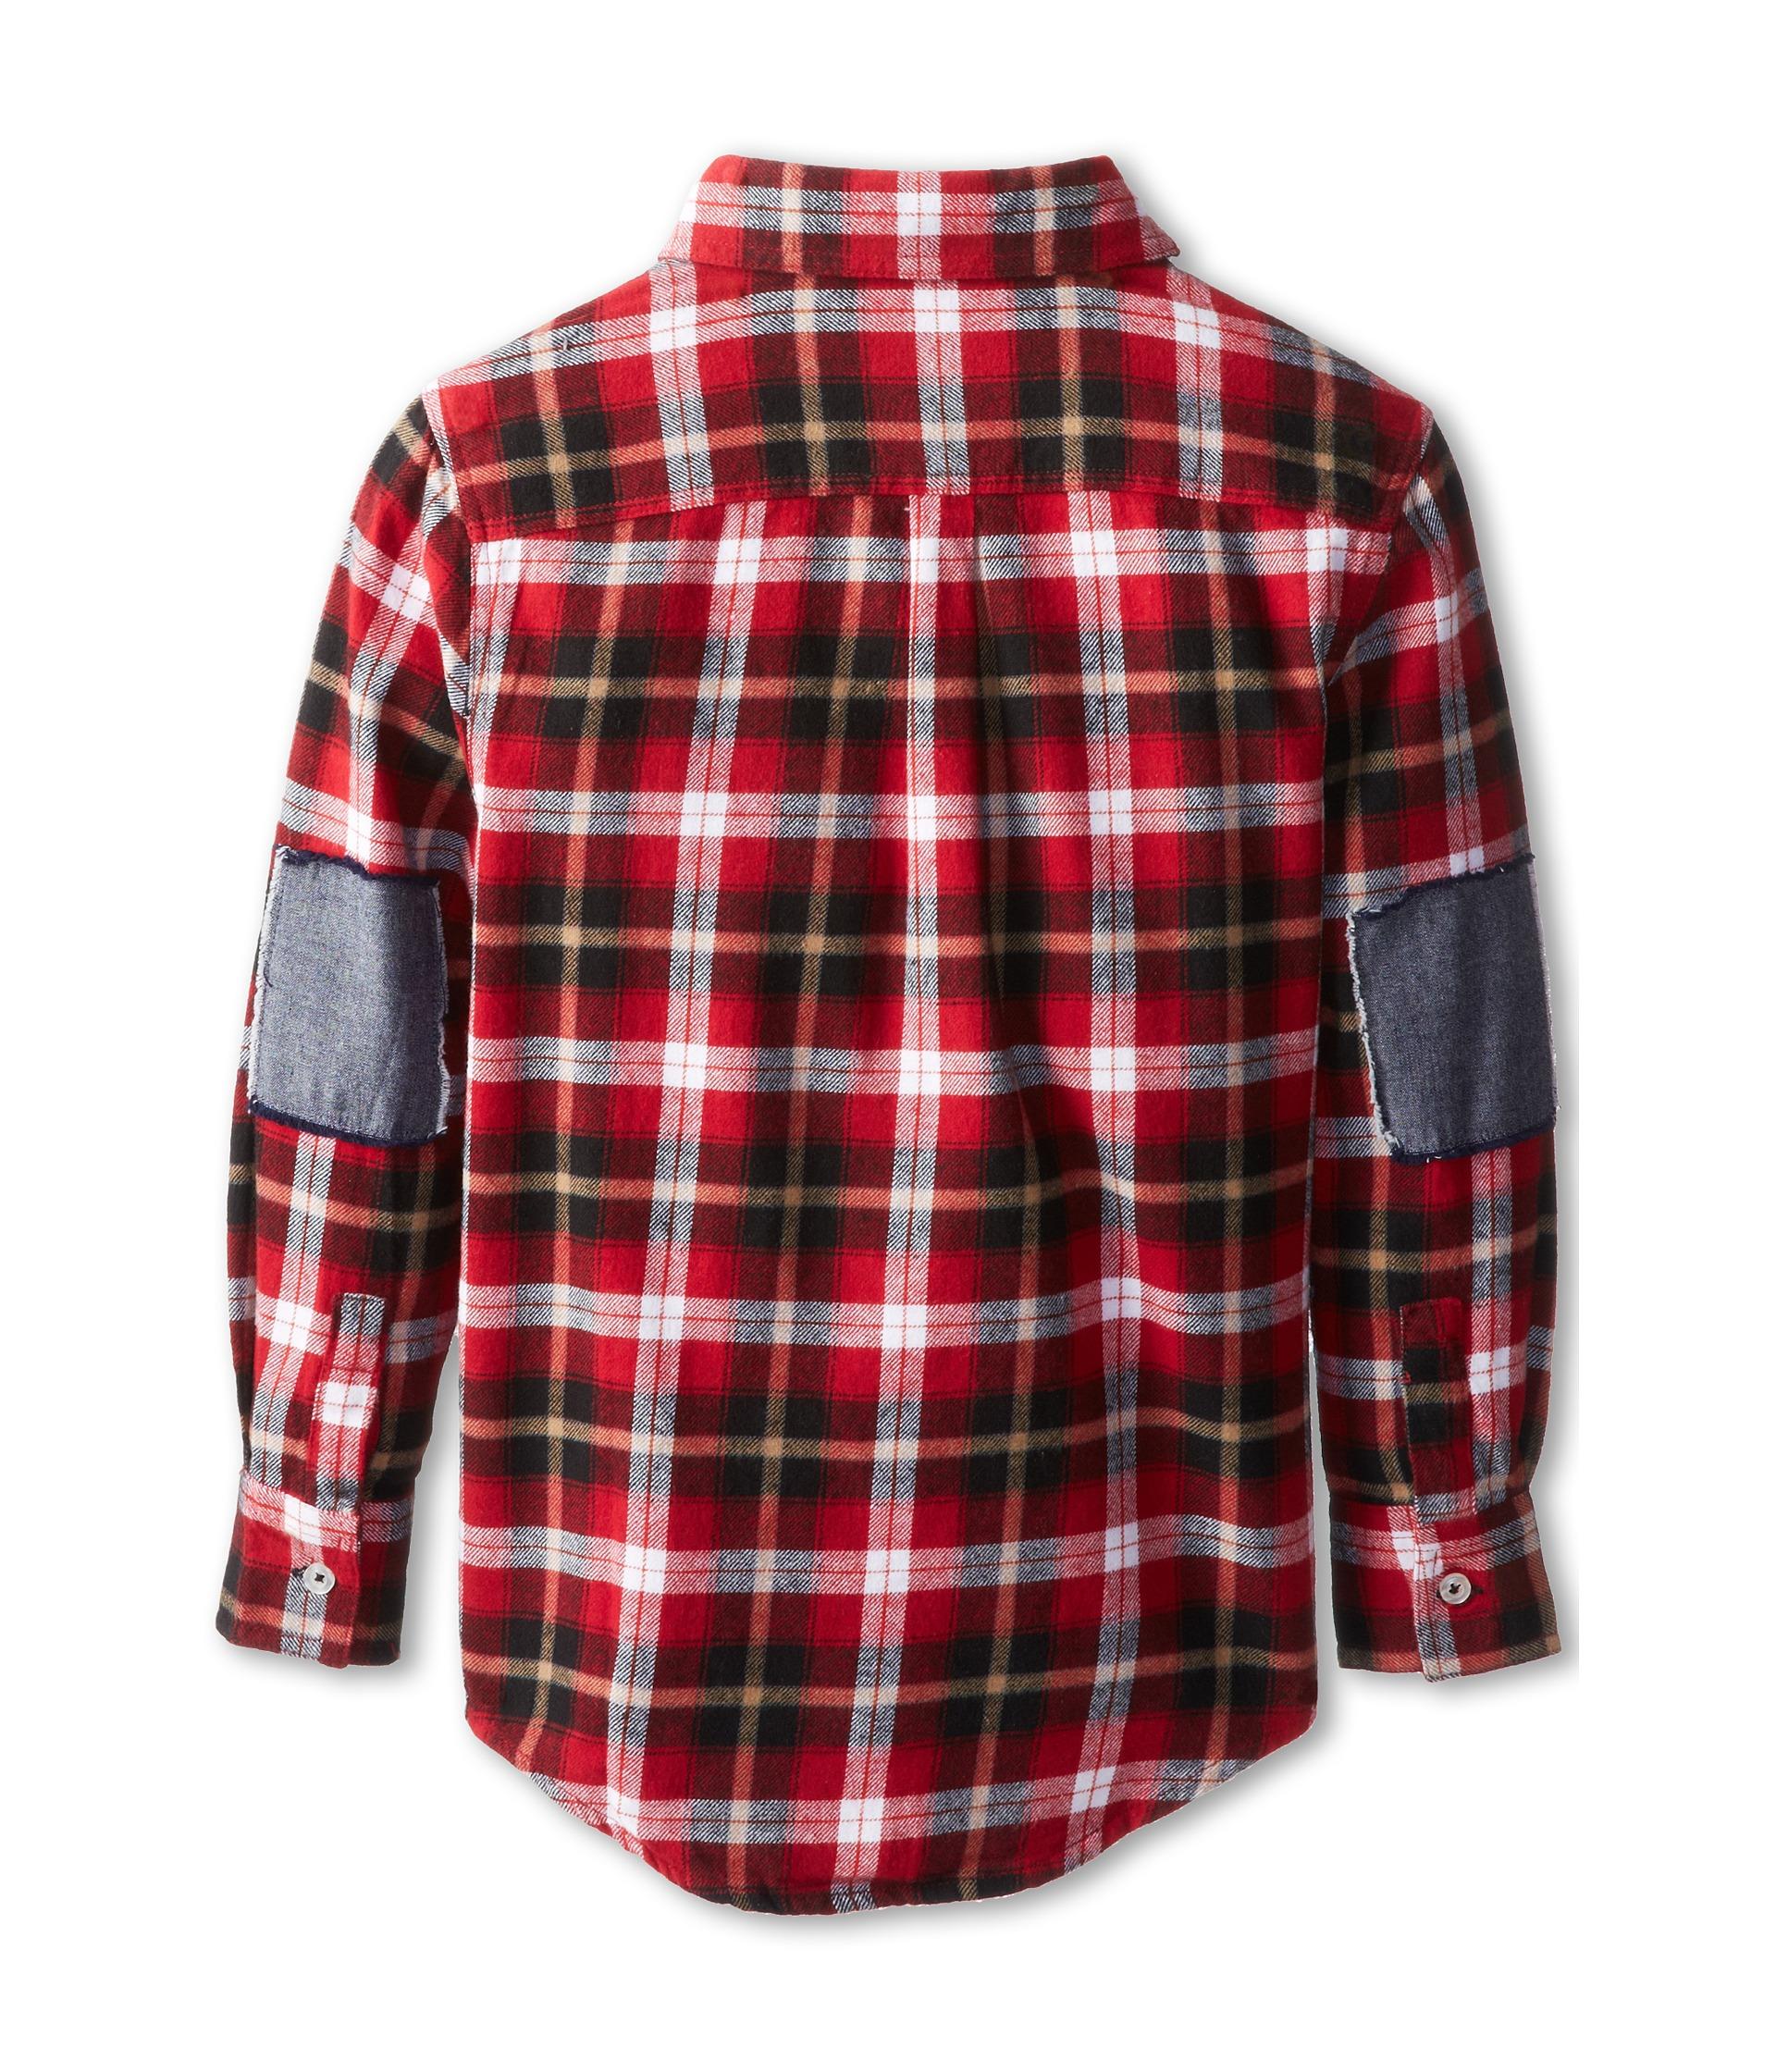 Appaman kids super soft flannel shirt w elbow patches for Mens flannel shirt with elbow patches